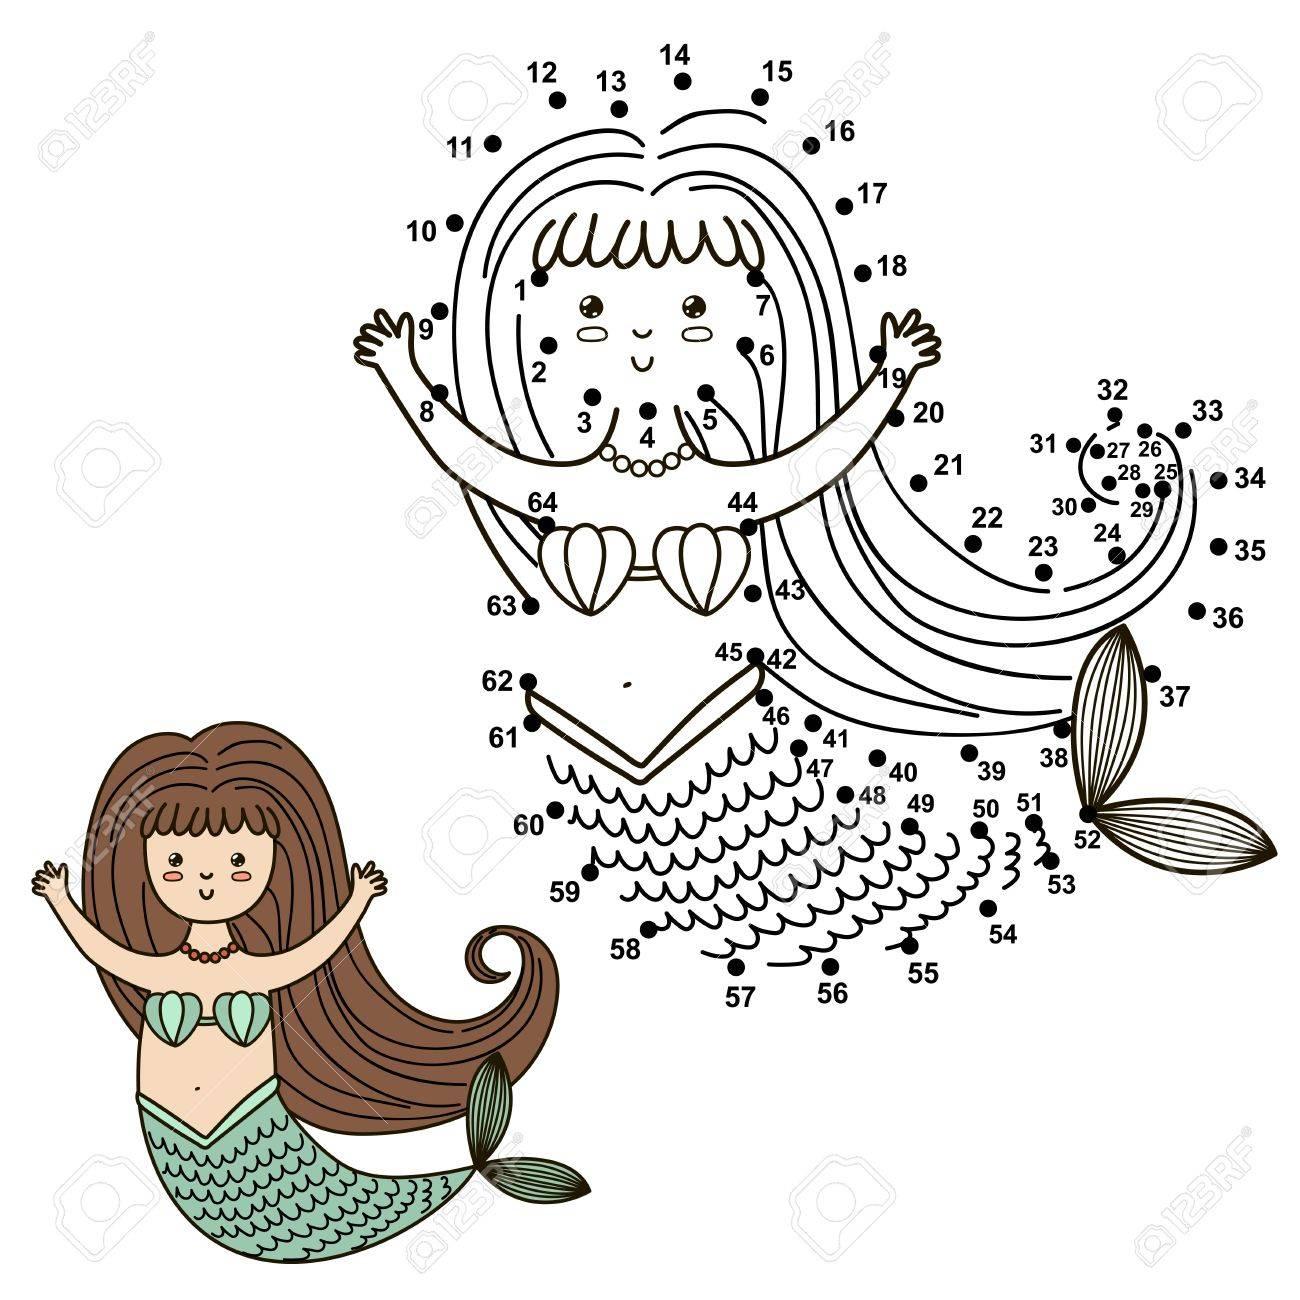 Verbinden Sie Die Punkte, Um Die Nette Meerjungfrau Zu Zeichnen Und ...